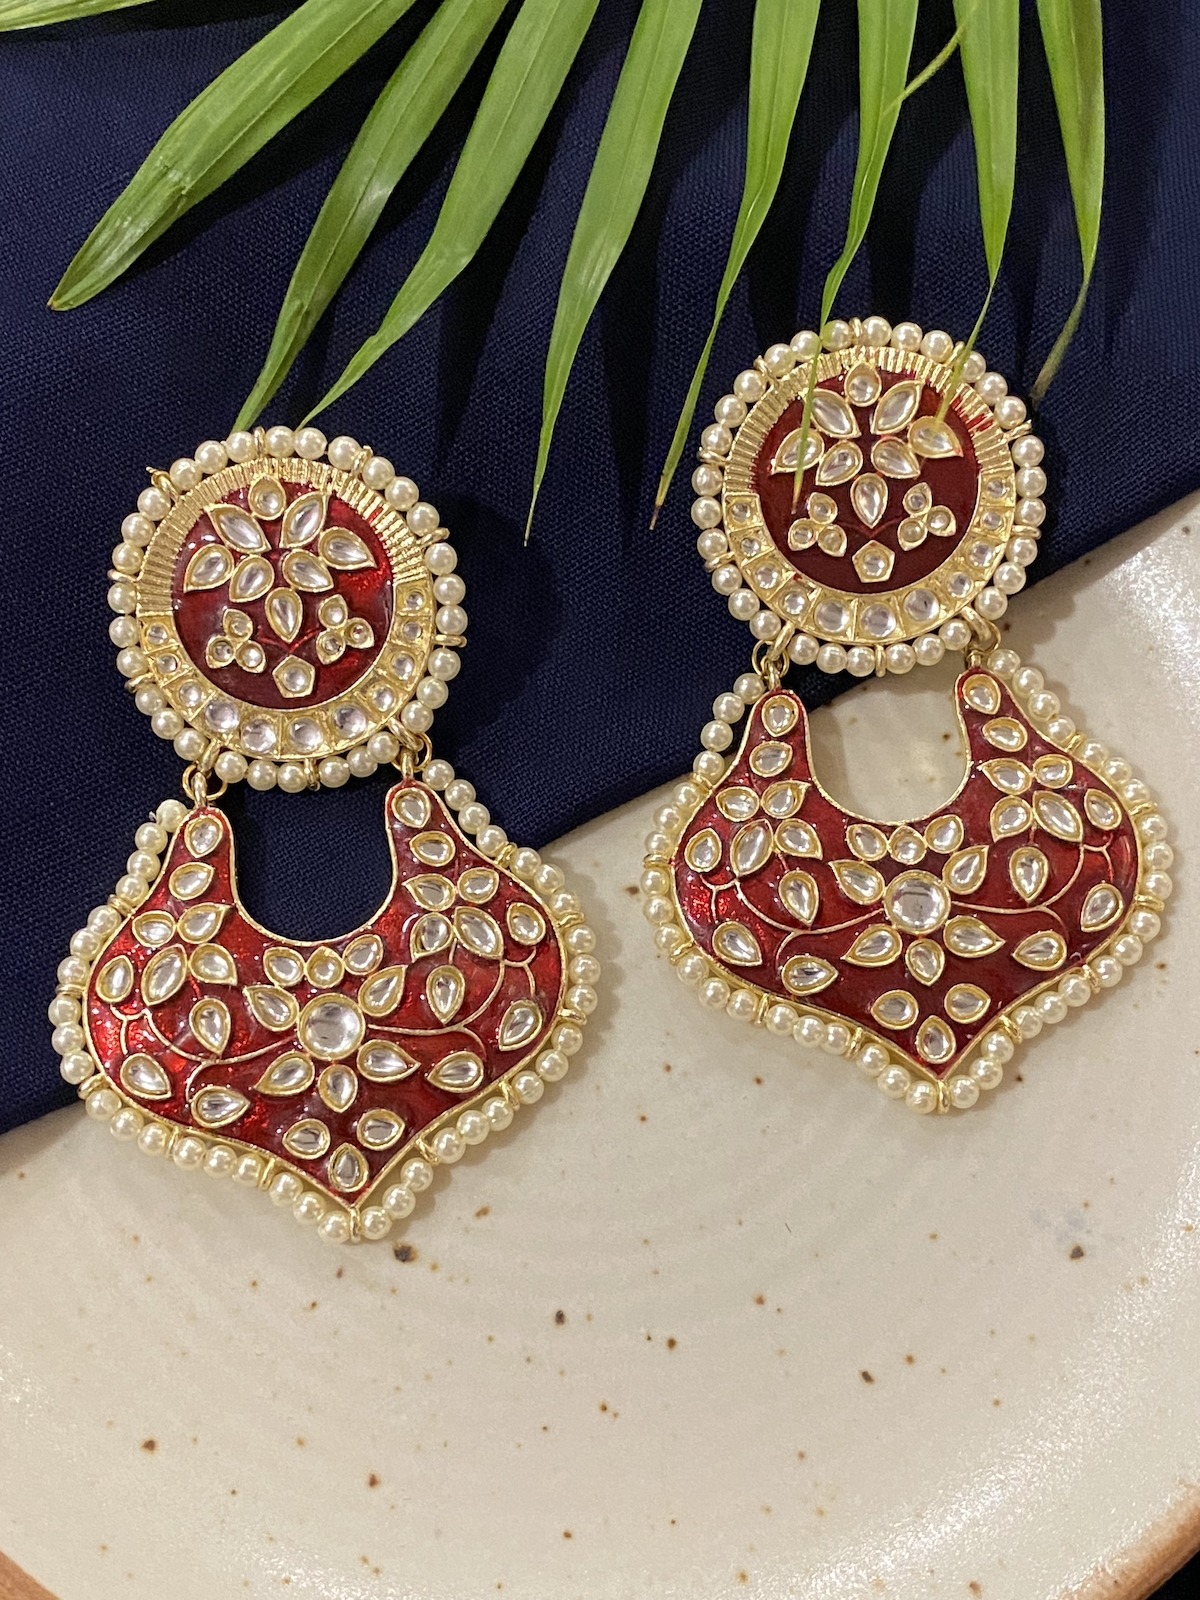 Swabhimann Jwellery | Swabhimann Kaasni Red Meena Chandbalis